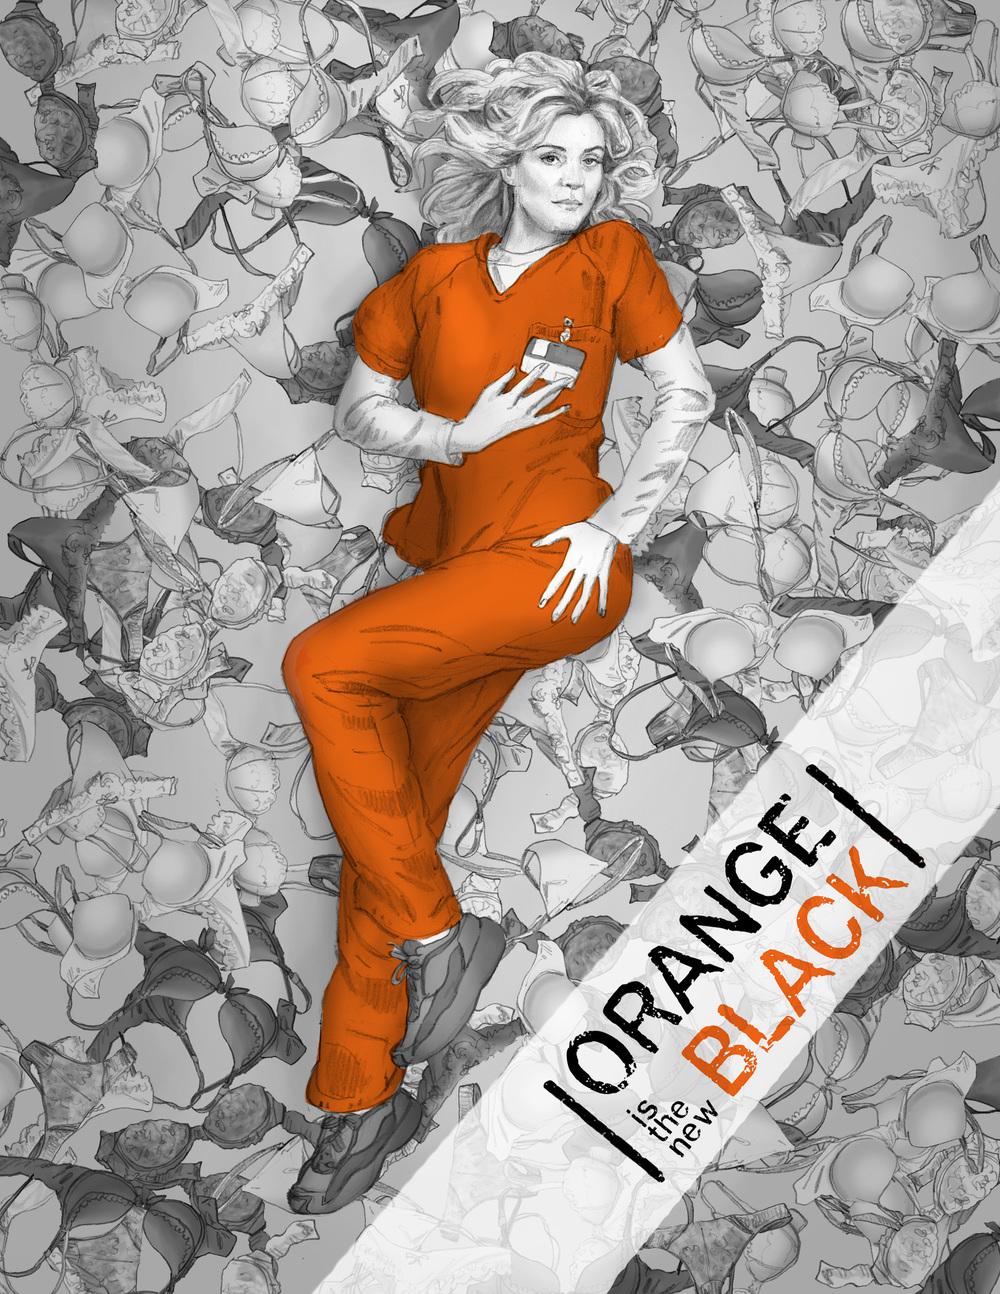 oitnb_01 orange.jpg